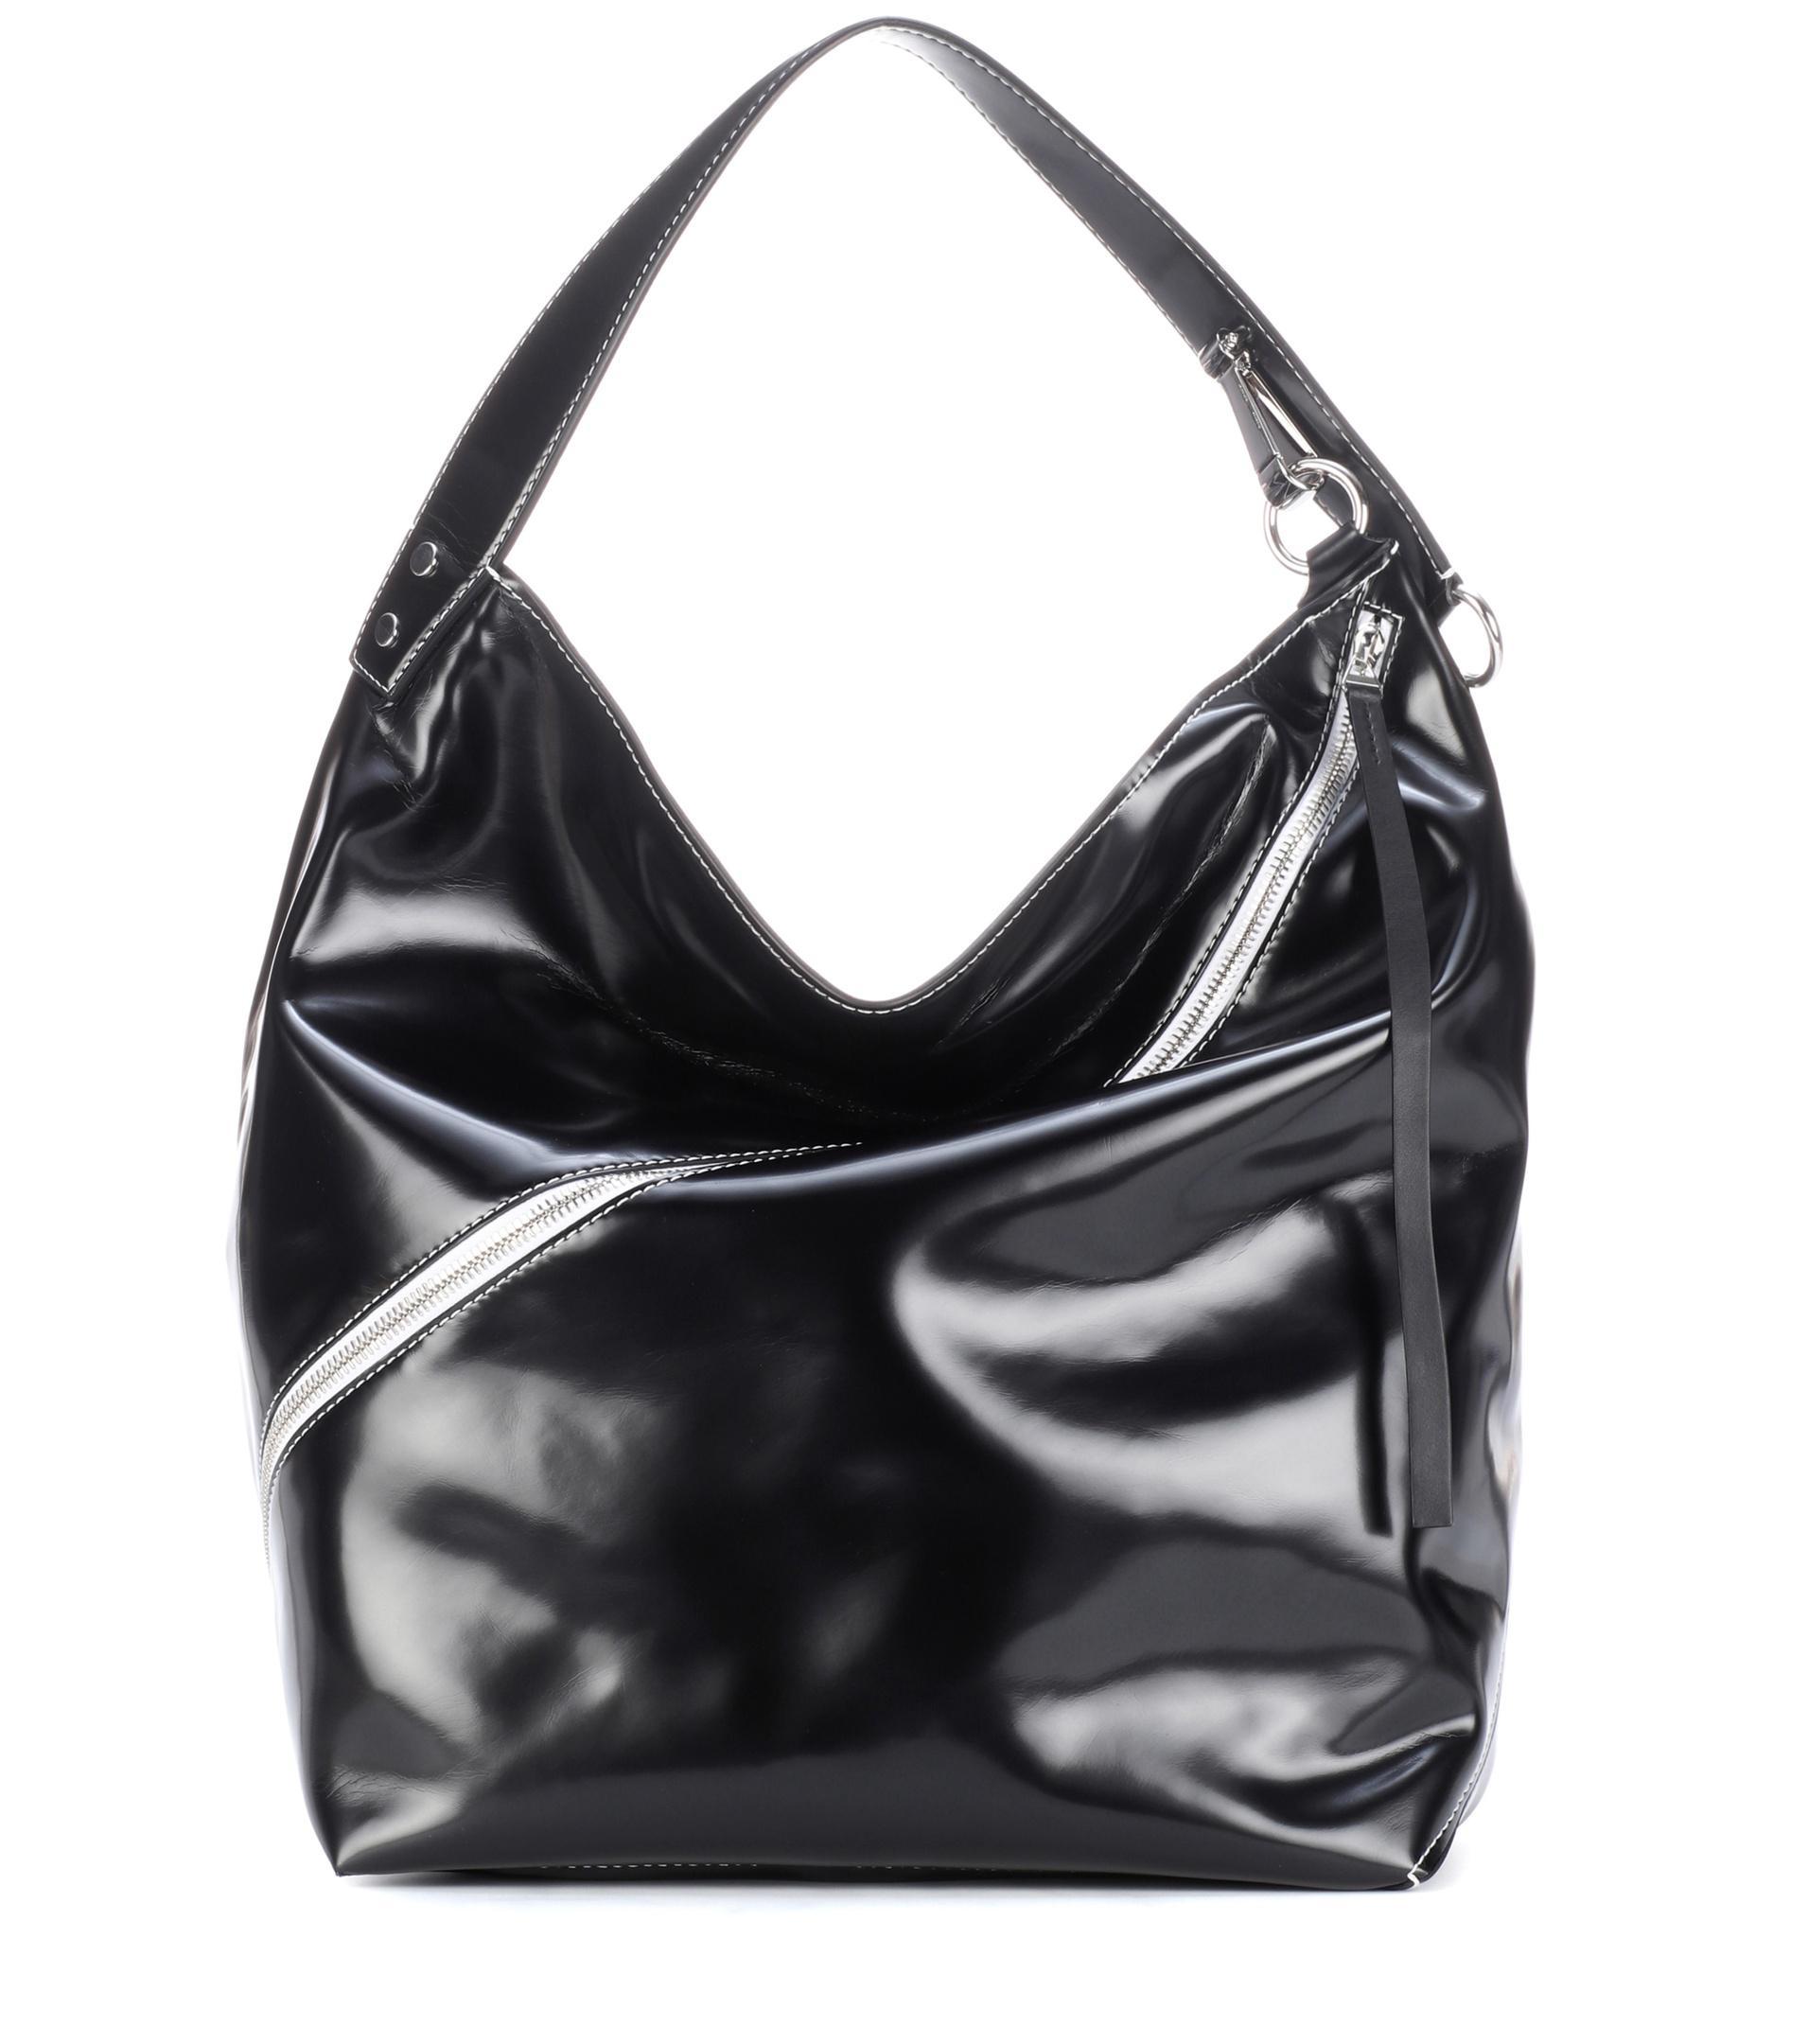 Proenza Schouler Hobo Large Leather Shoulder Bag in Black - Lyst 07d92e8fb5d05